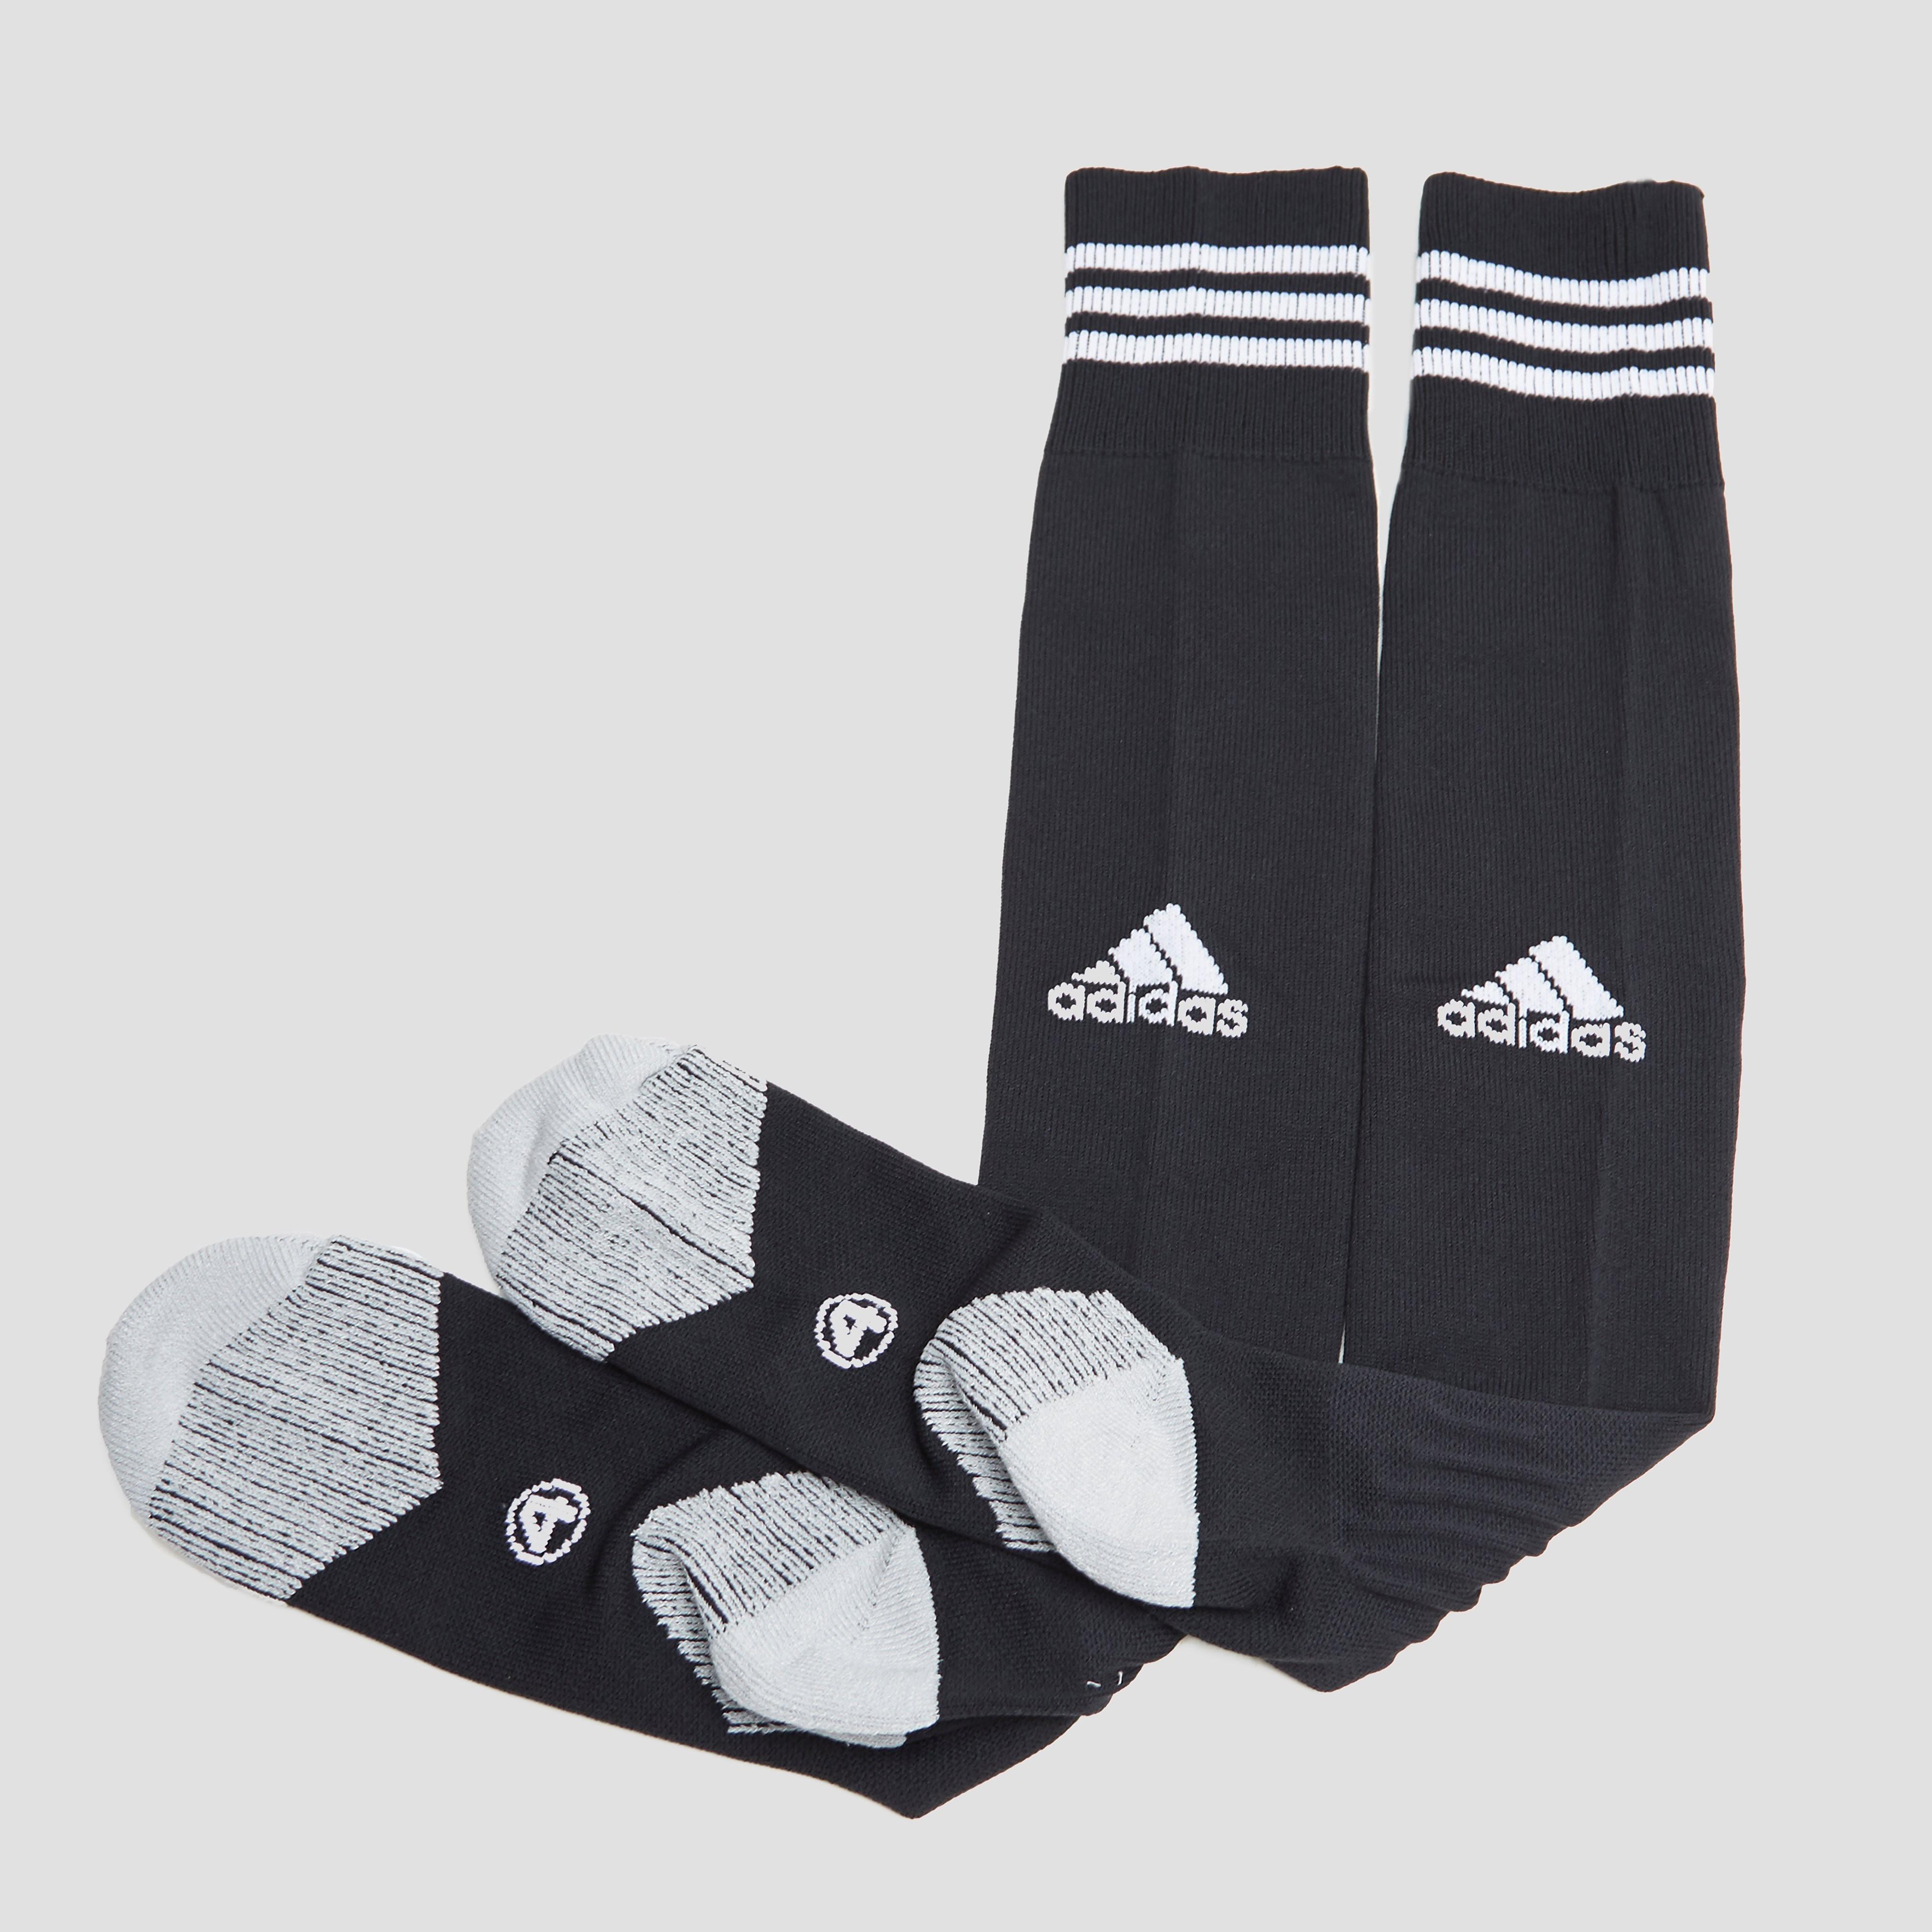 Adidas ADISOCK VOETBALSOKKEN HEREN online kopen